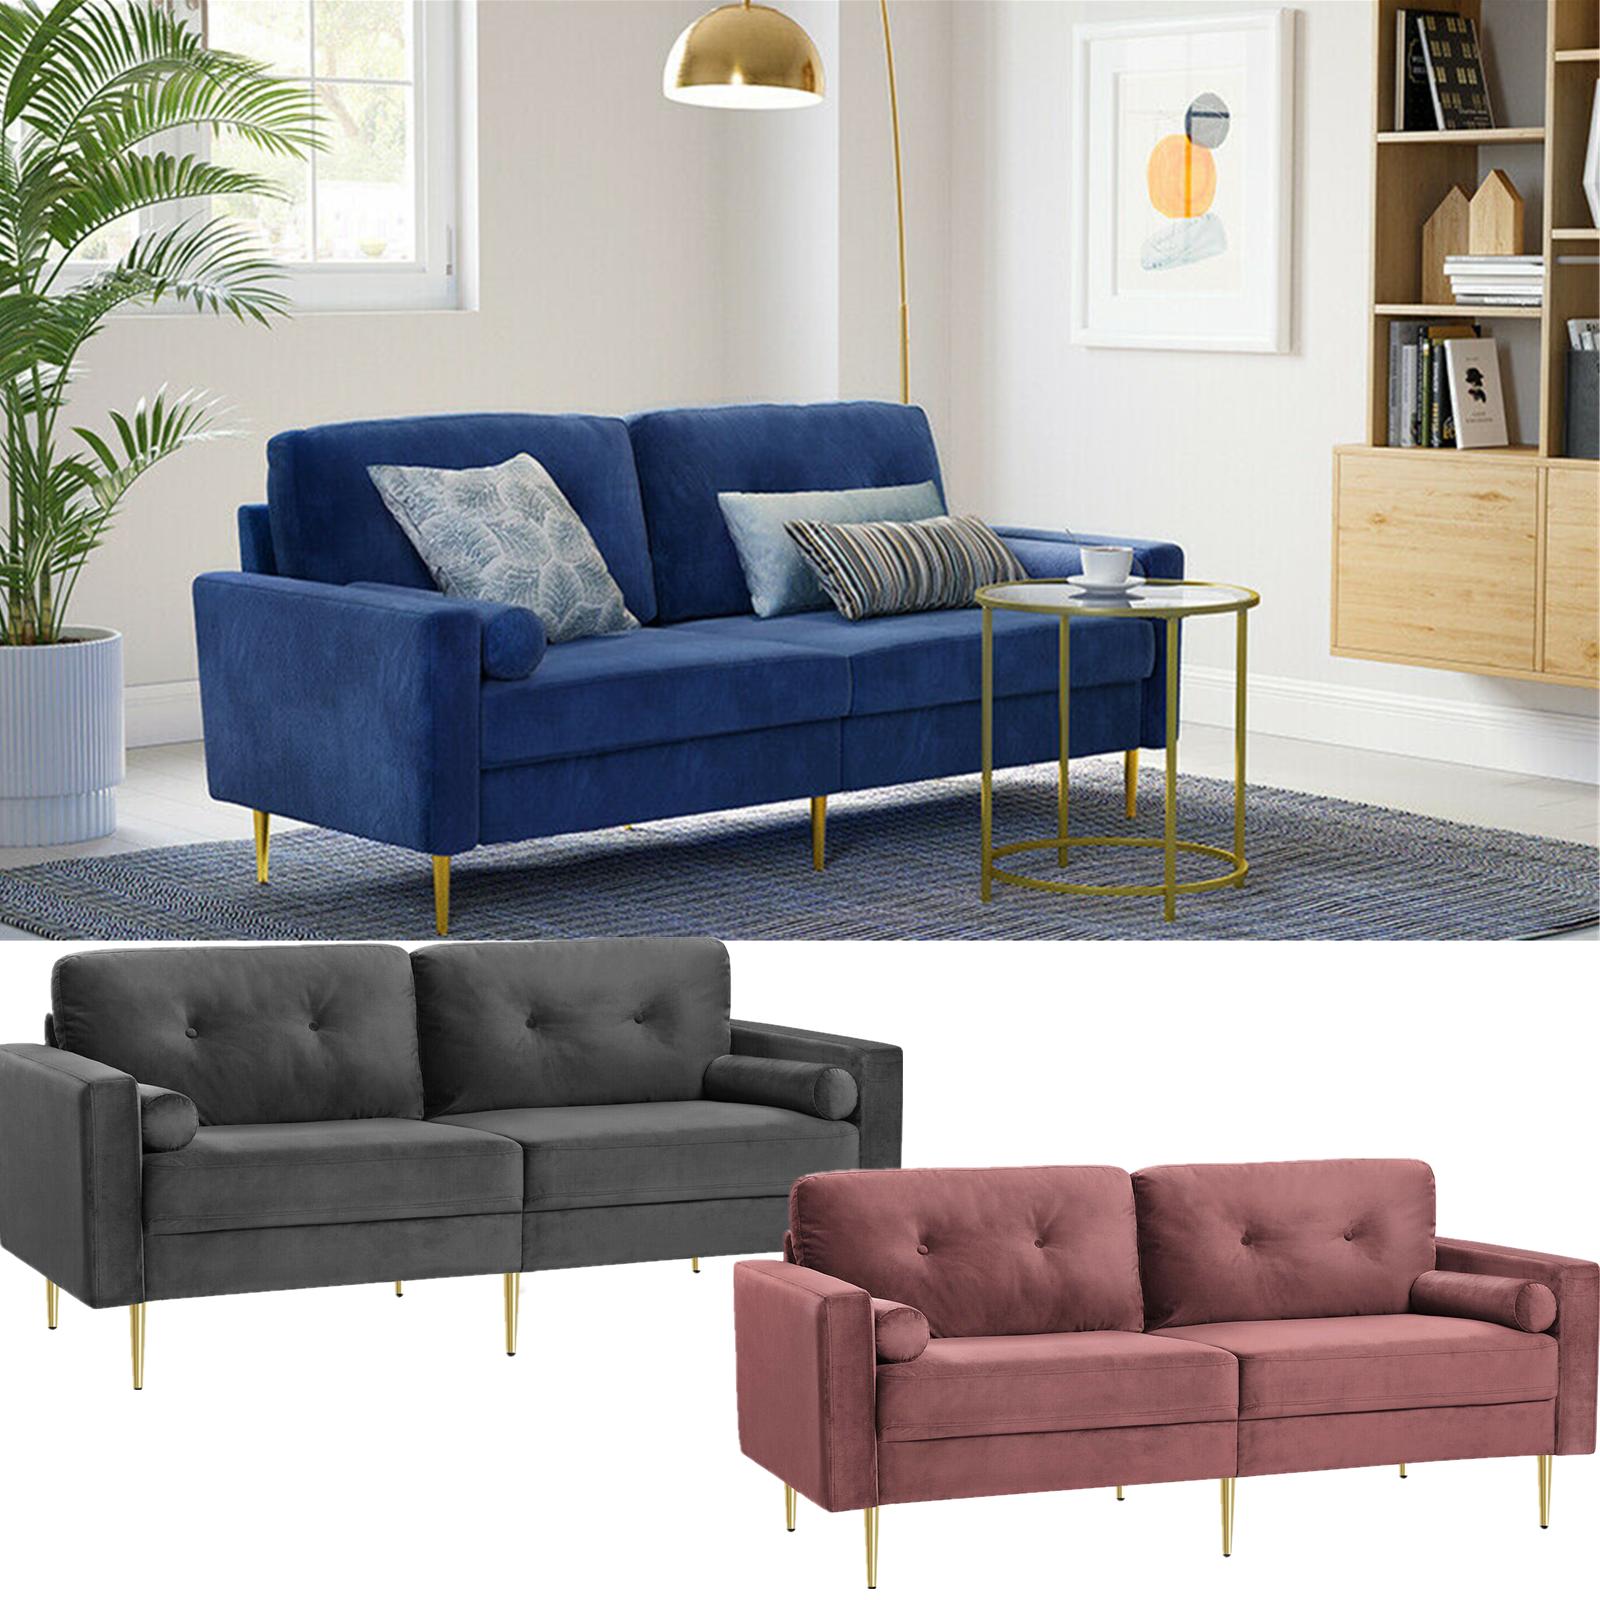 Schlafsofa,3-Sitzer Sofa, Couch für Wohnzimmer Funktionssofa, Bezug aus Samt